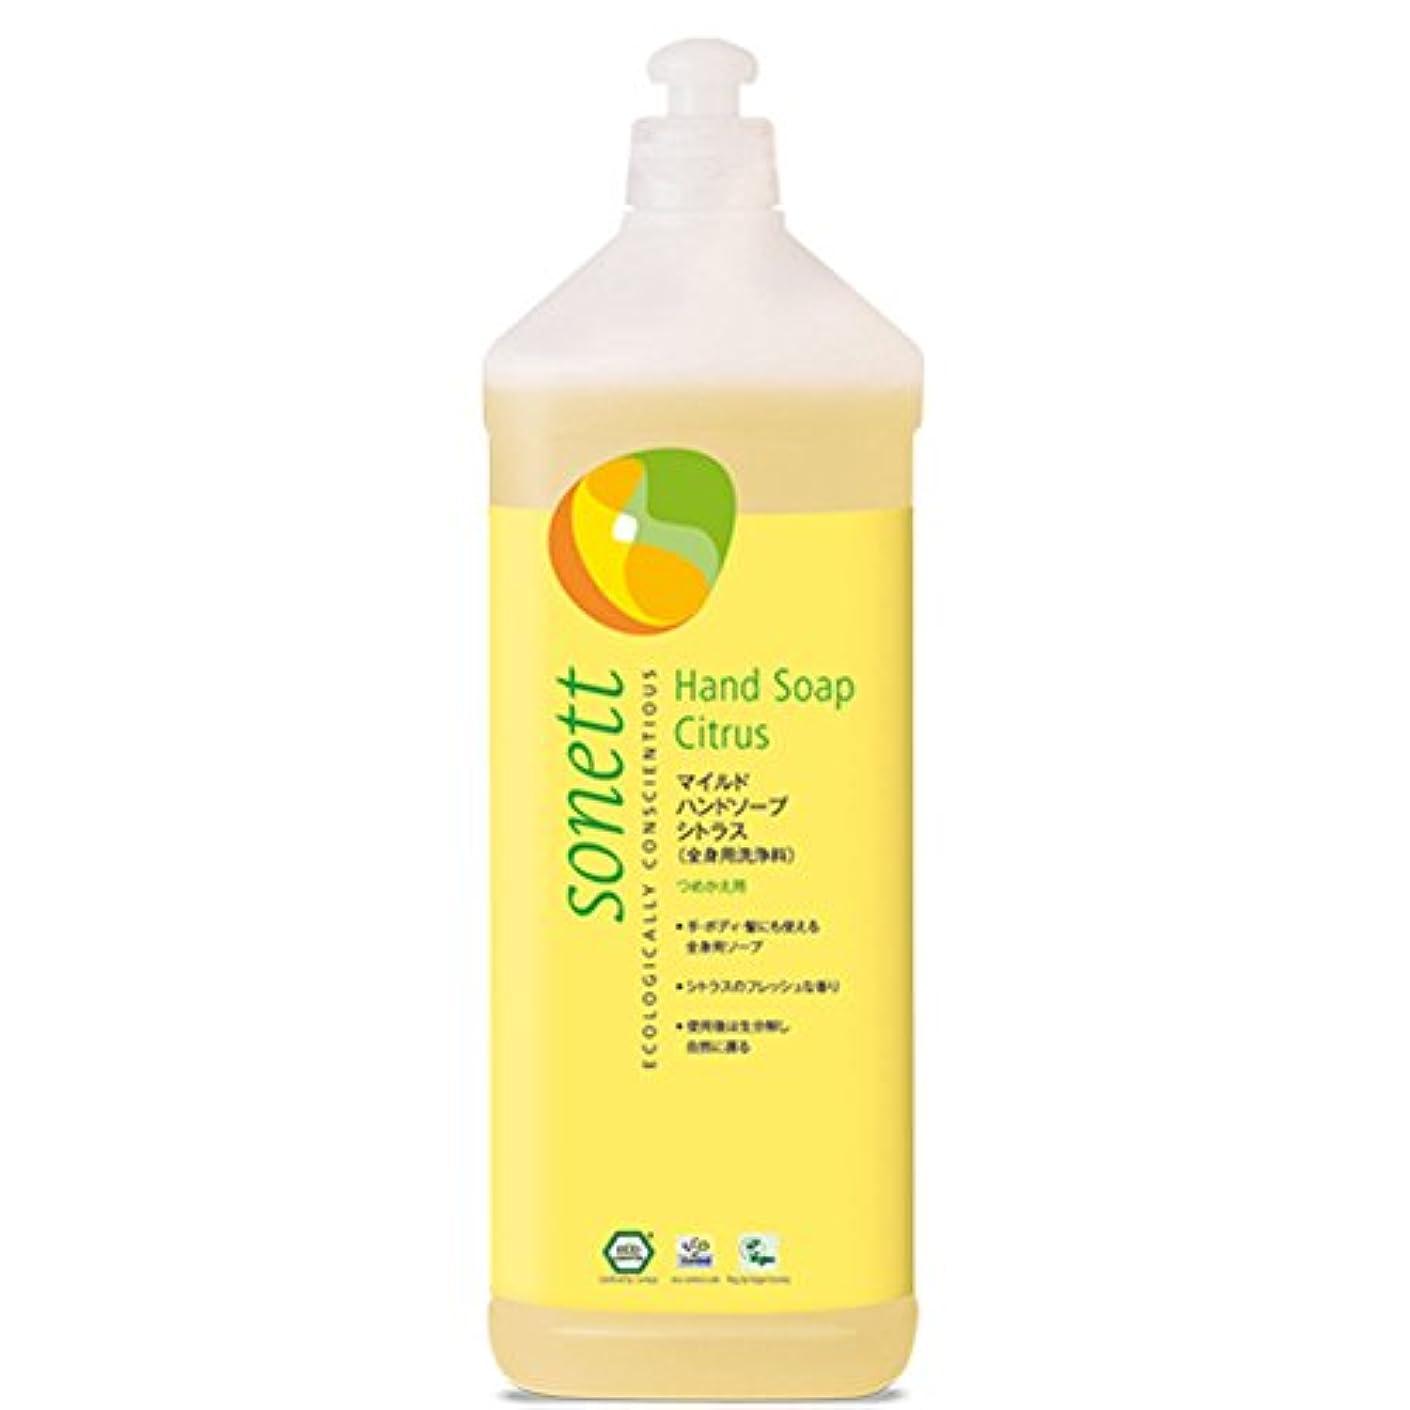 オリエンタル防ぐ報告書SONETT ( ソネット 洗剤 ) マイルドハンドソープ シトラス 1L  ( ボディー&ハンドソープ 全身 )